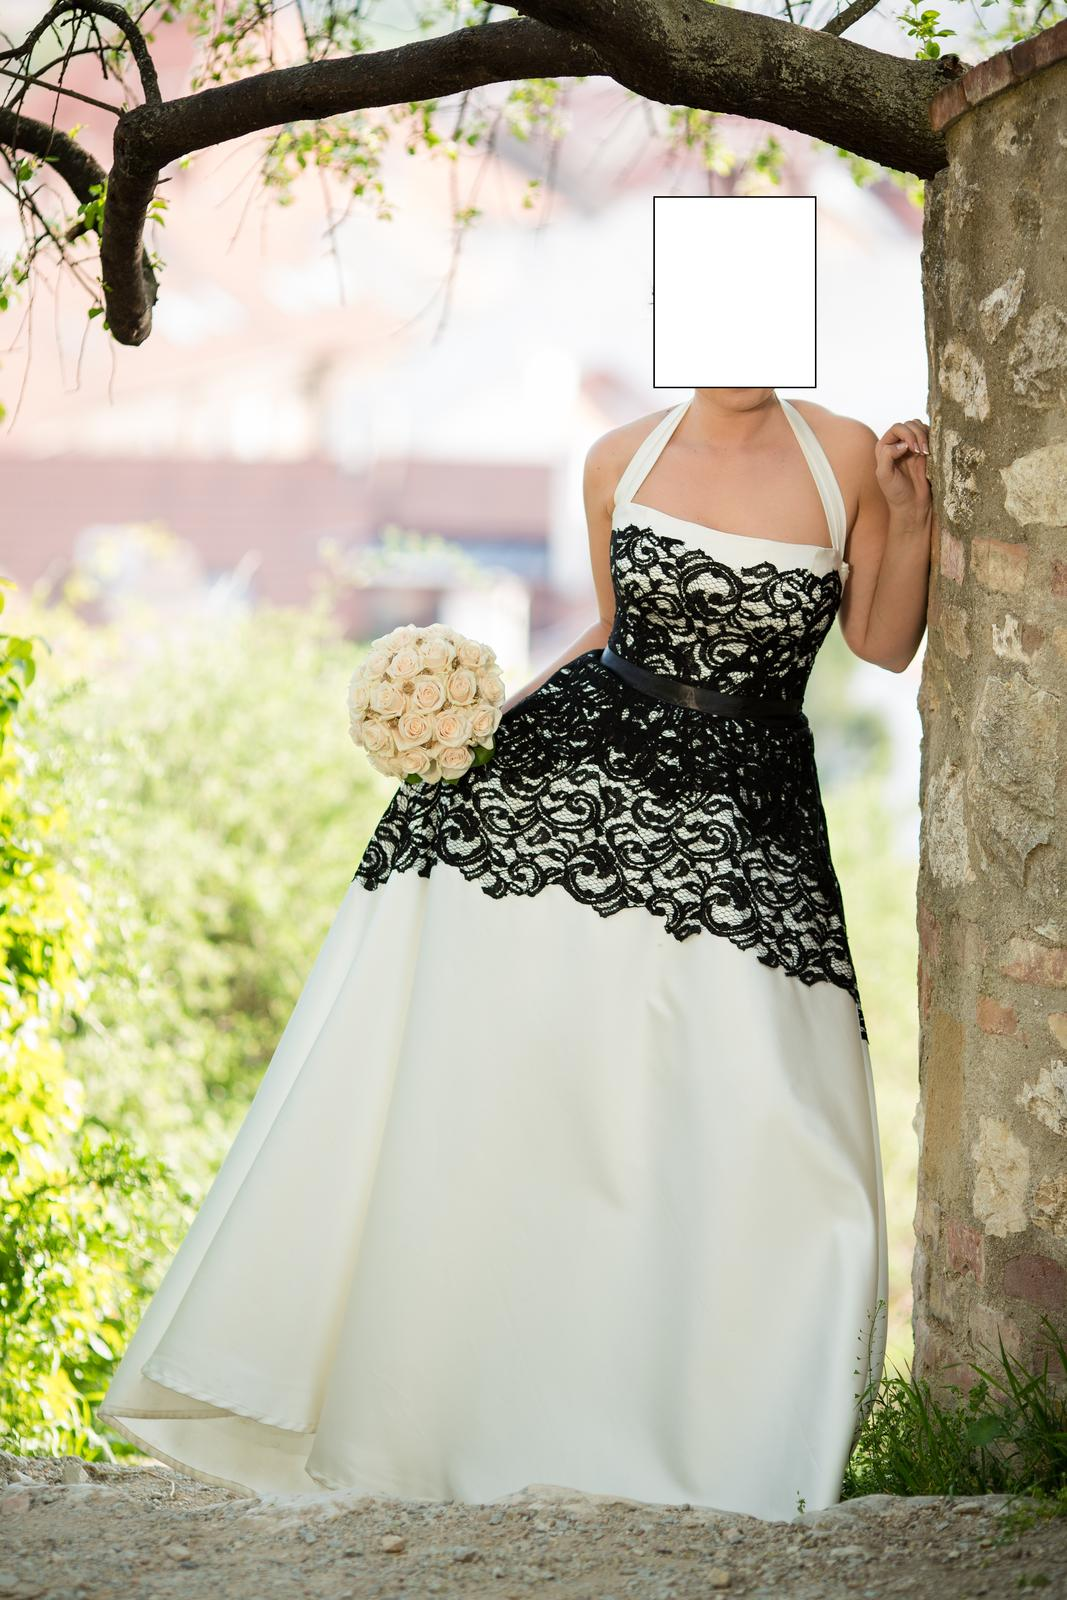 Černobílé krajkové svatební šaty, vel. M - Obrázek č. 1